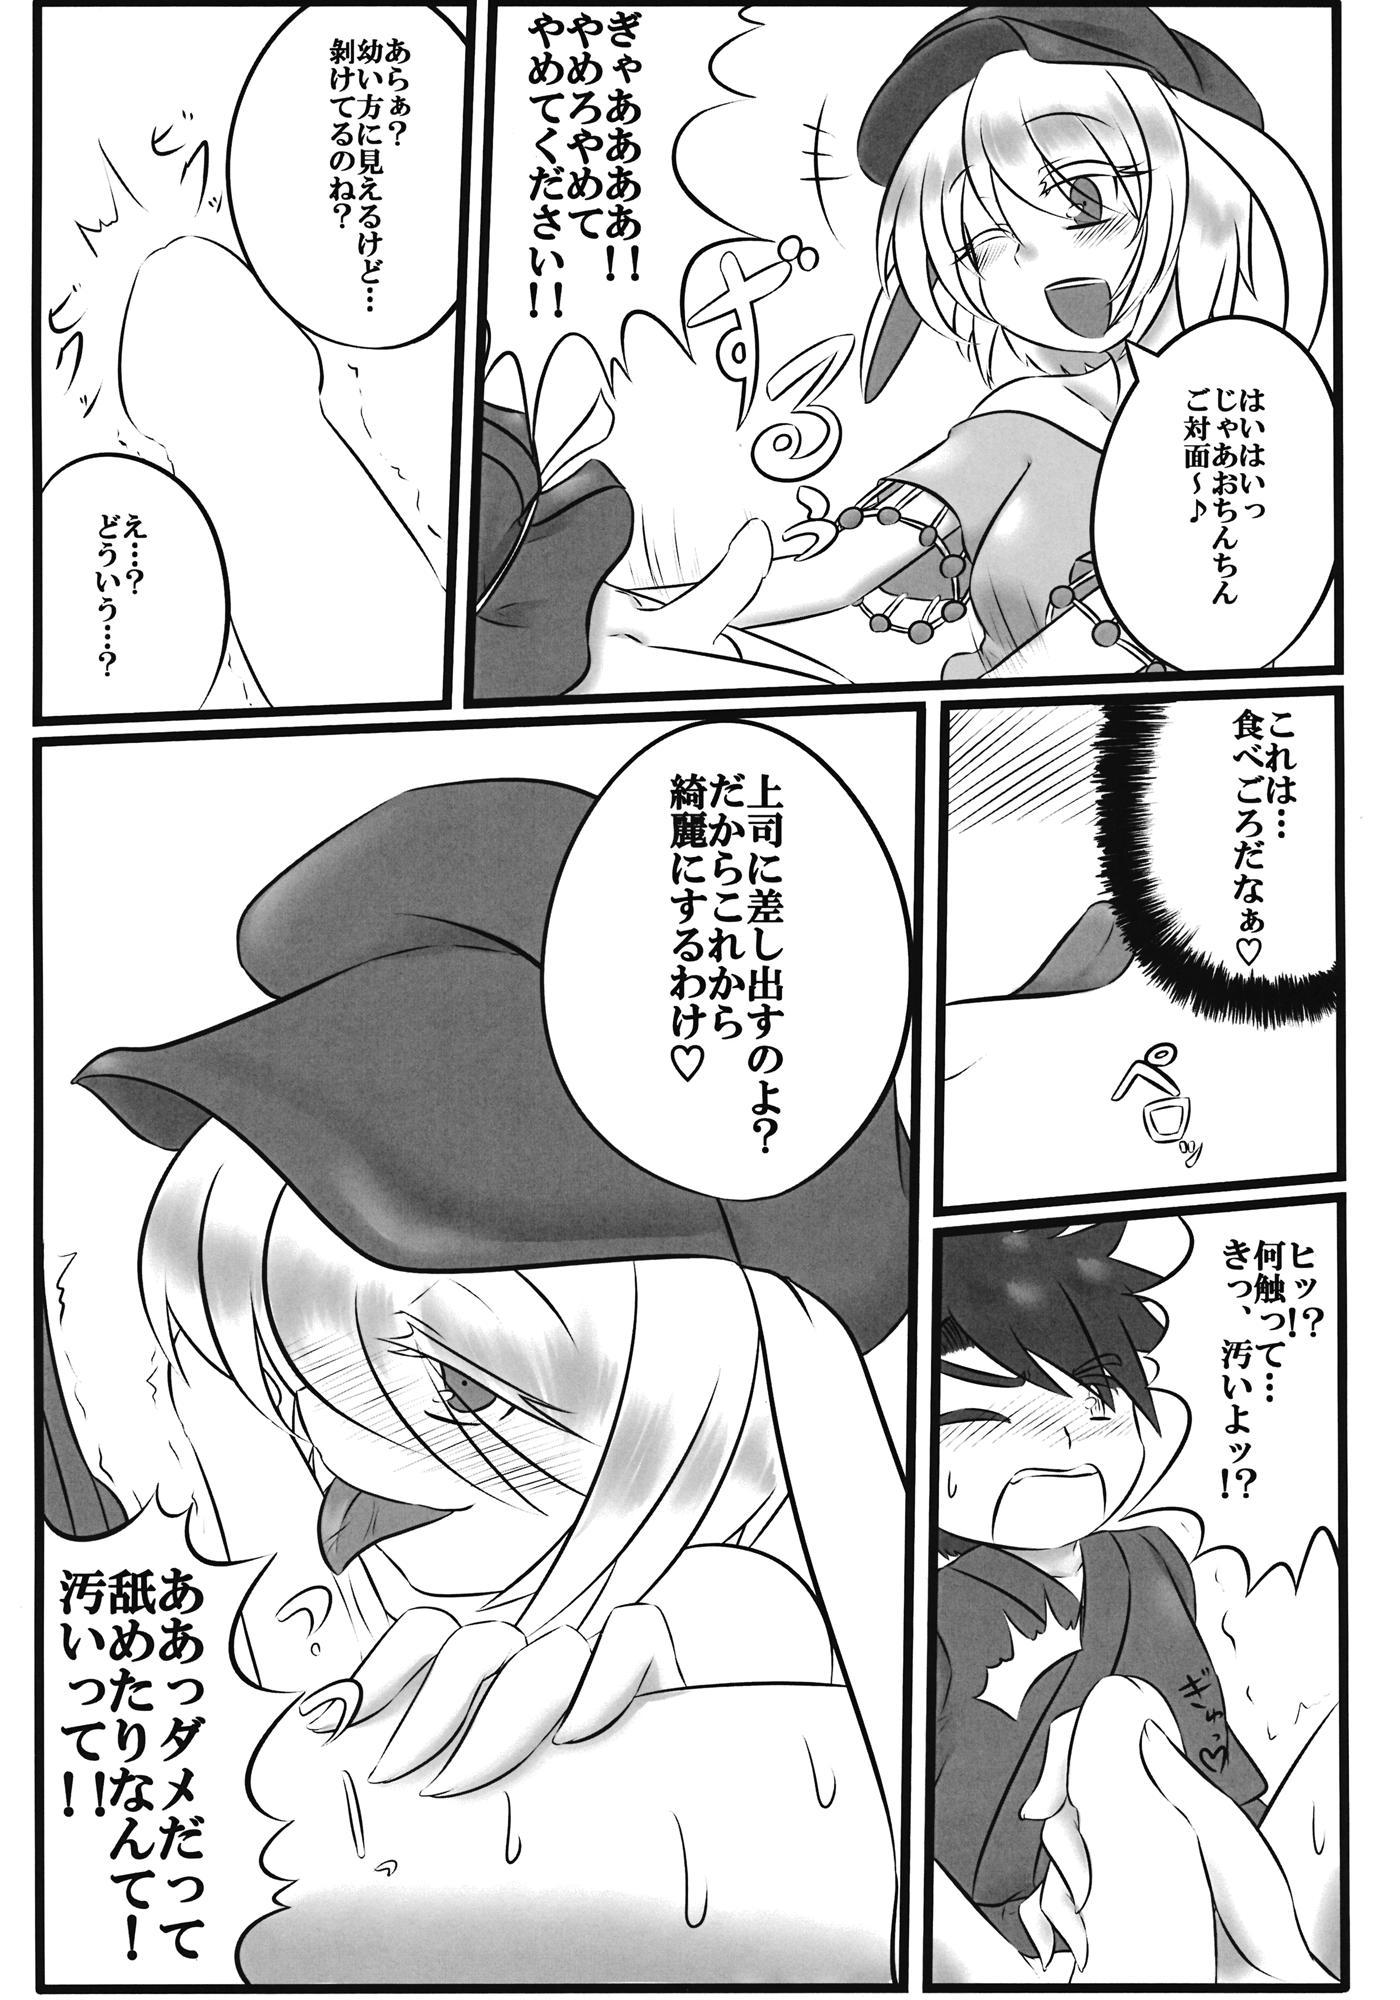 Gekka Chishin 11